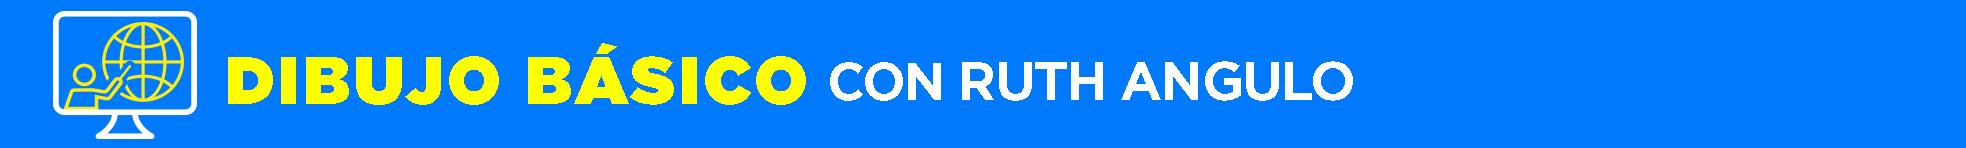 Banner título Dibujo básico Ruth Angulo internacionales